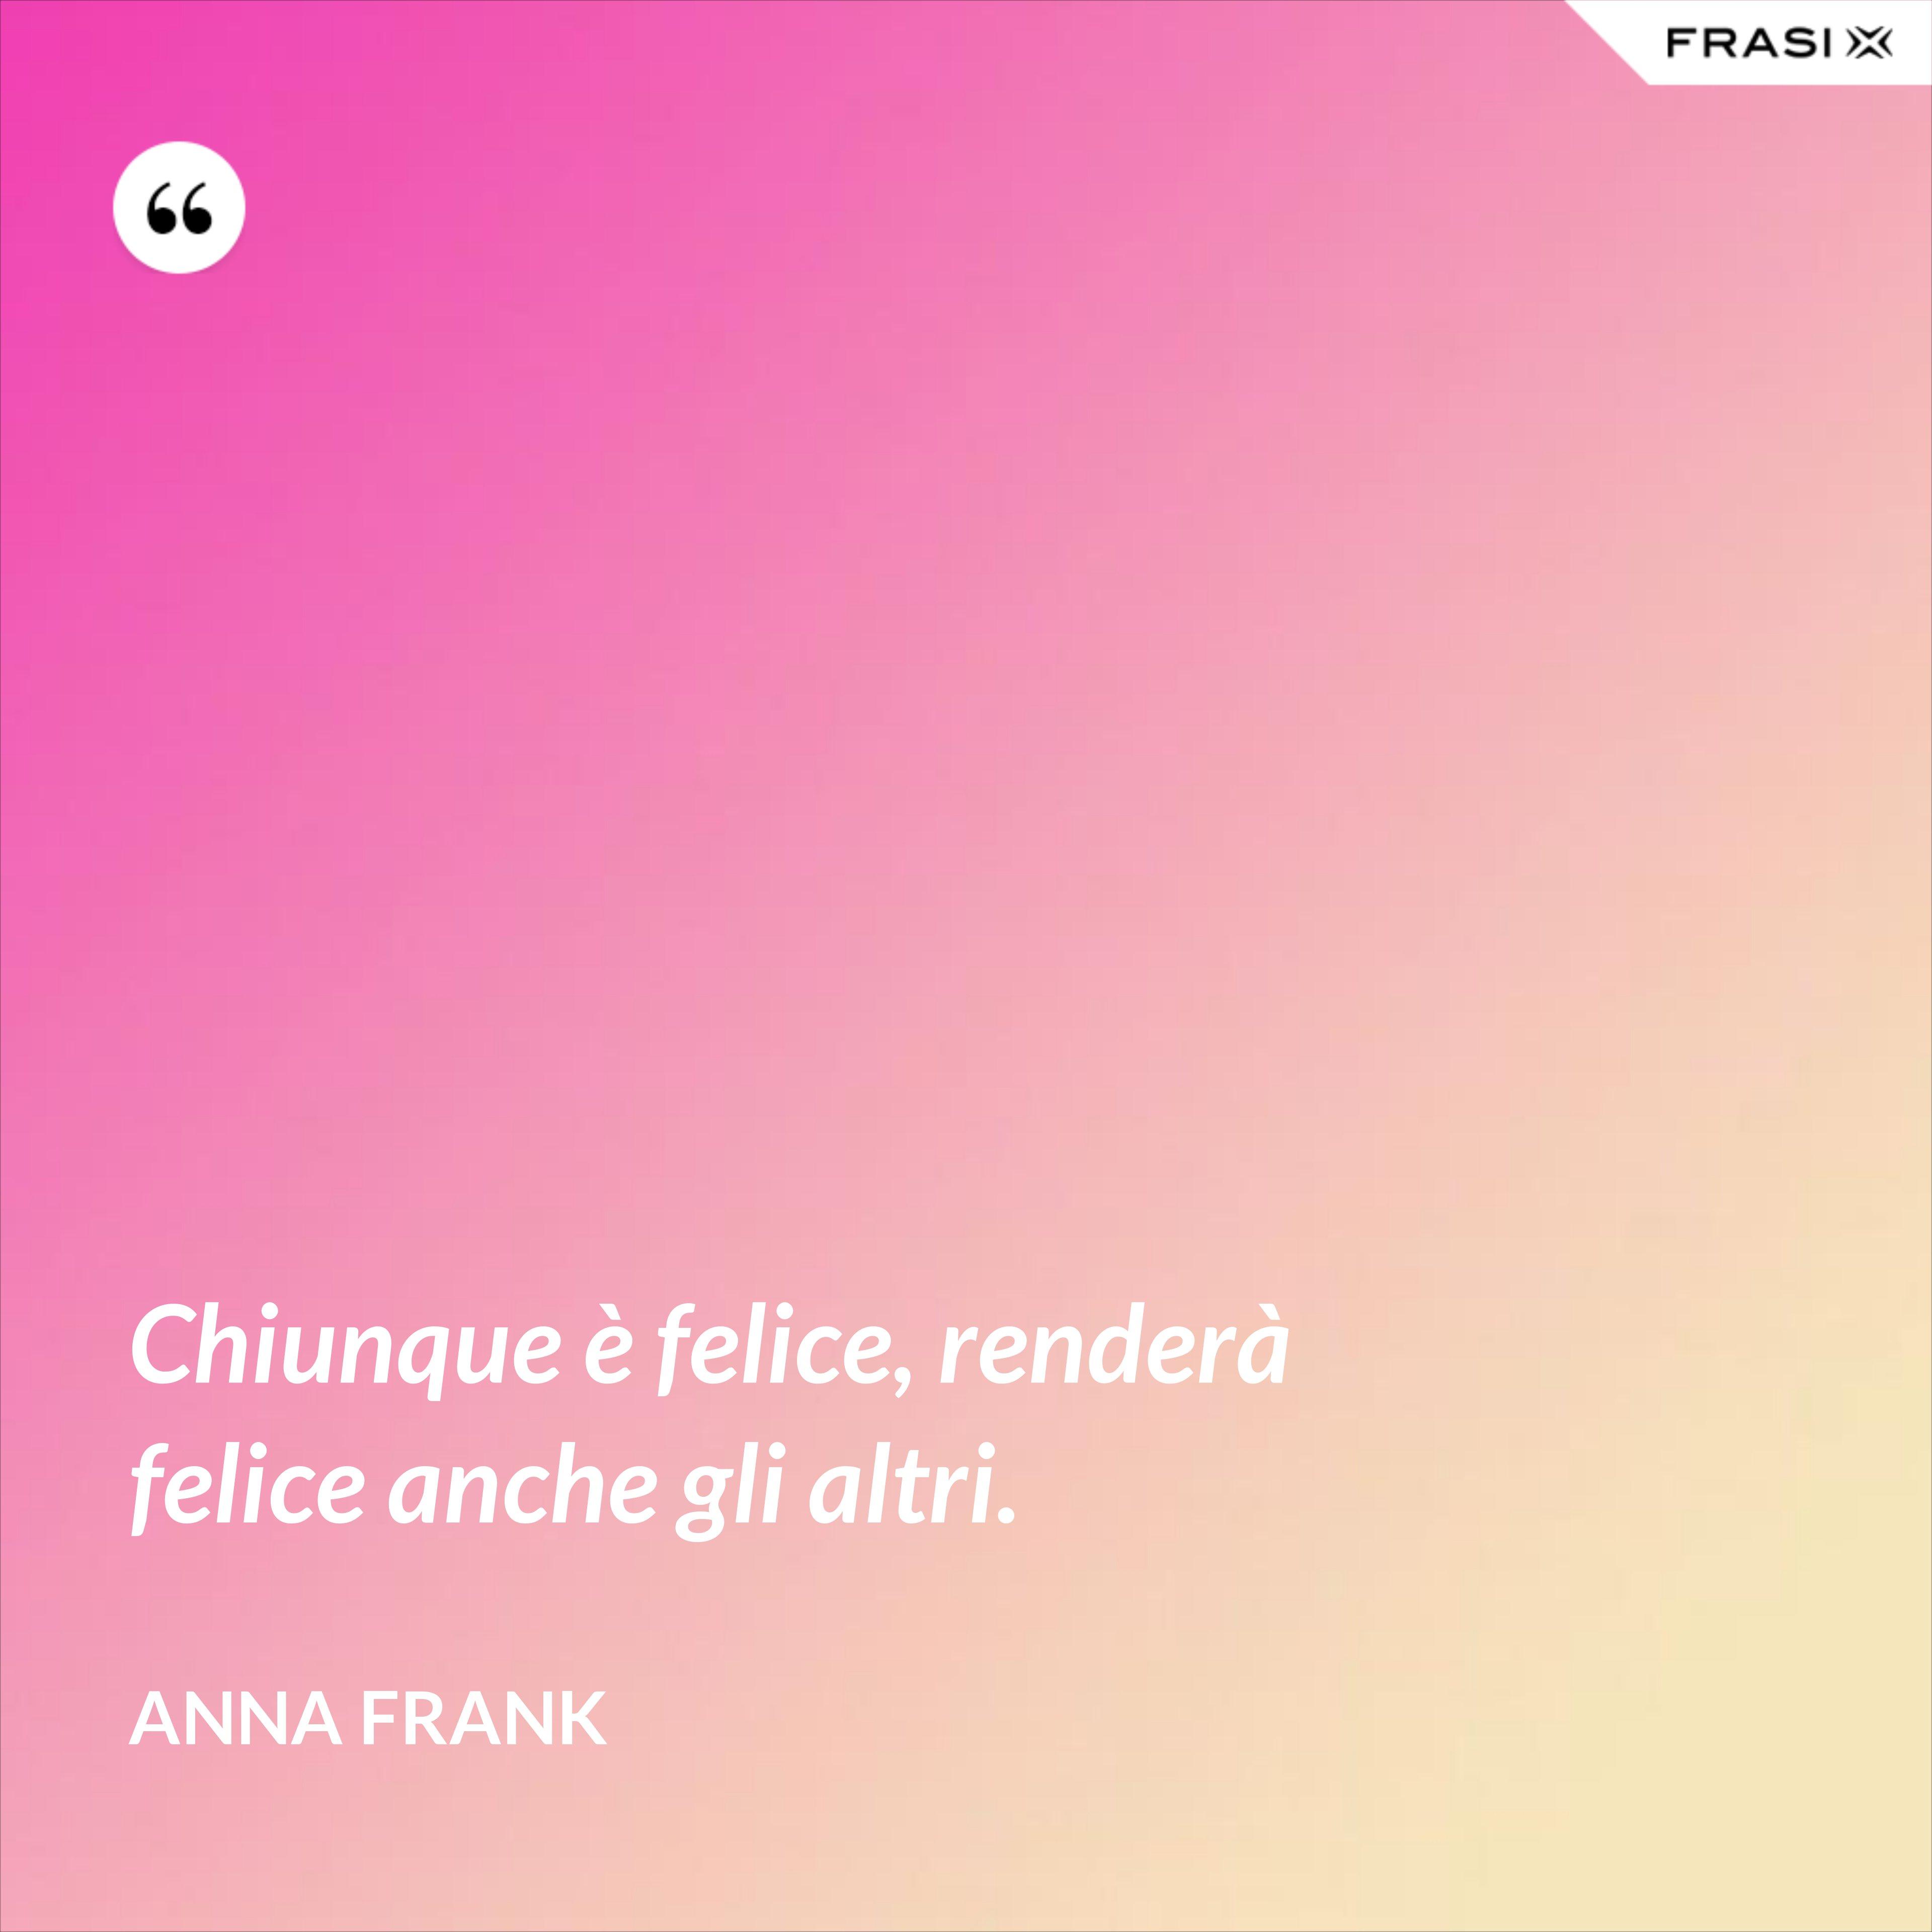 Chiunque è felice, renderà felice anche gli altri. - Anna Frank